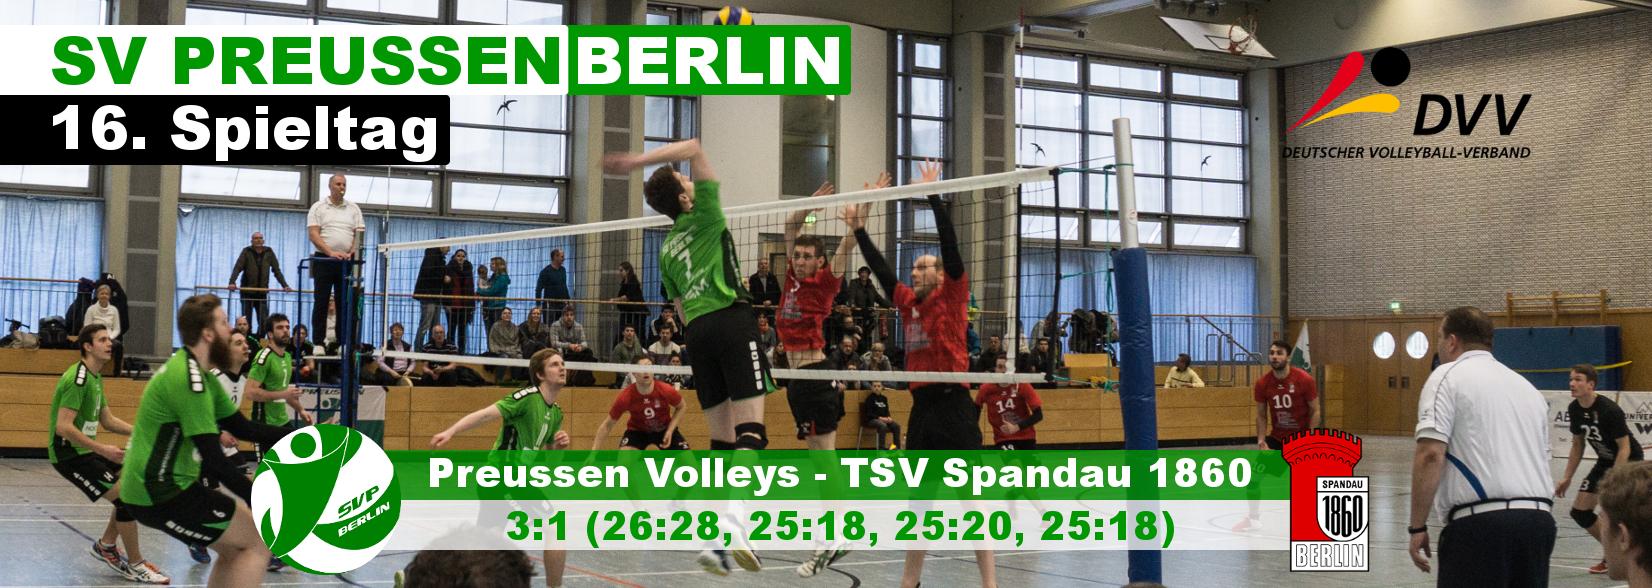 16. Spieltag gegen den TSV Spandau 1860